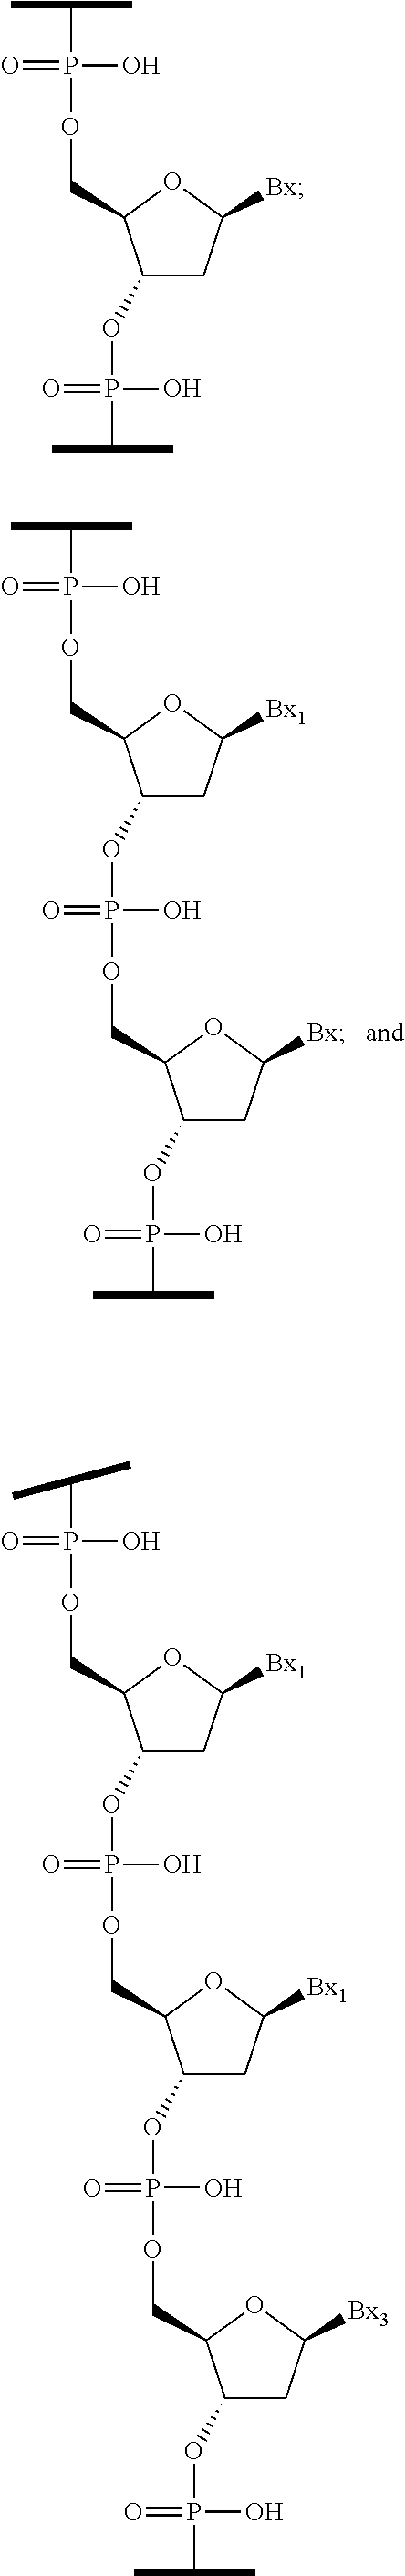 Figure US09714421-20170725-C00019